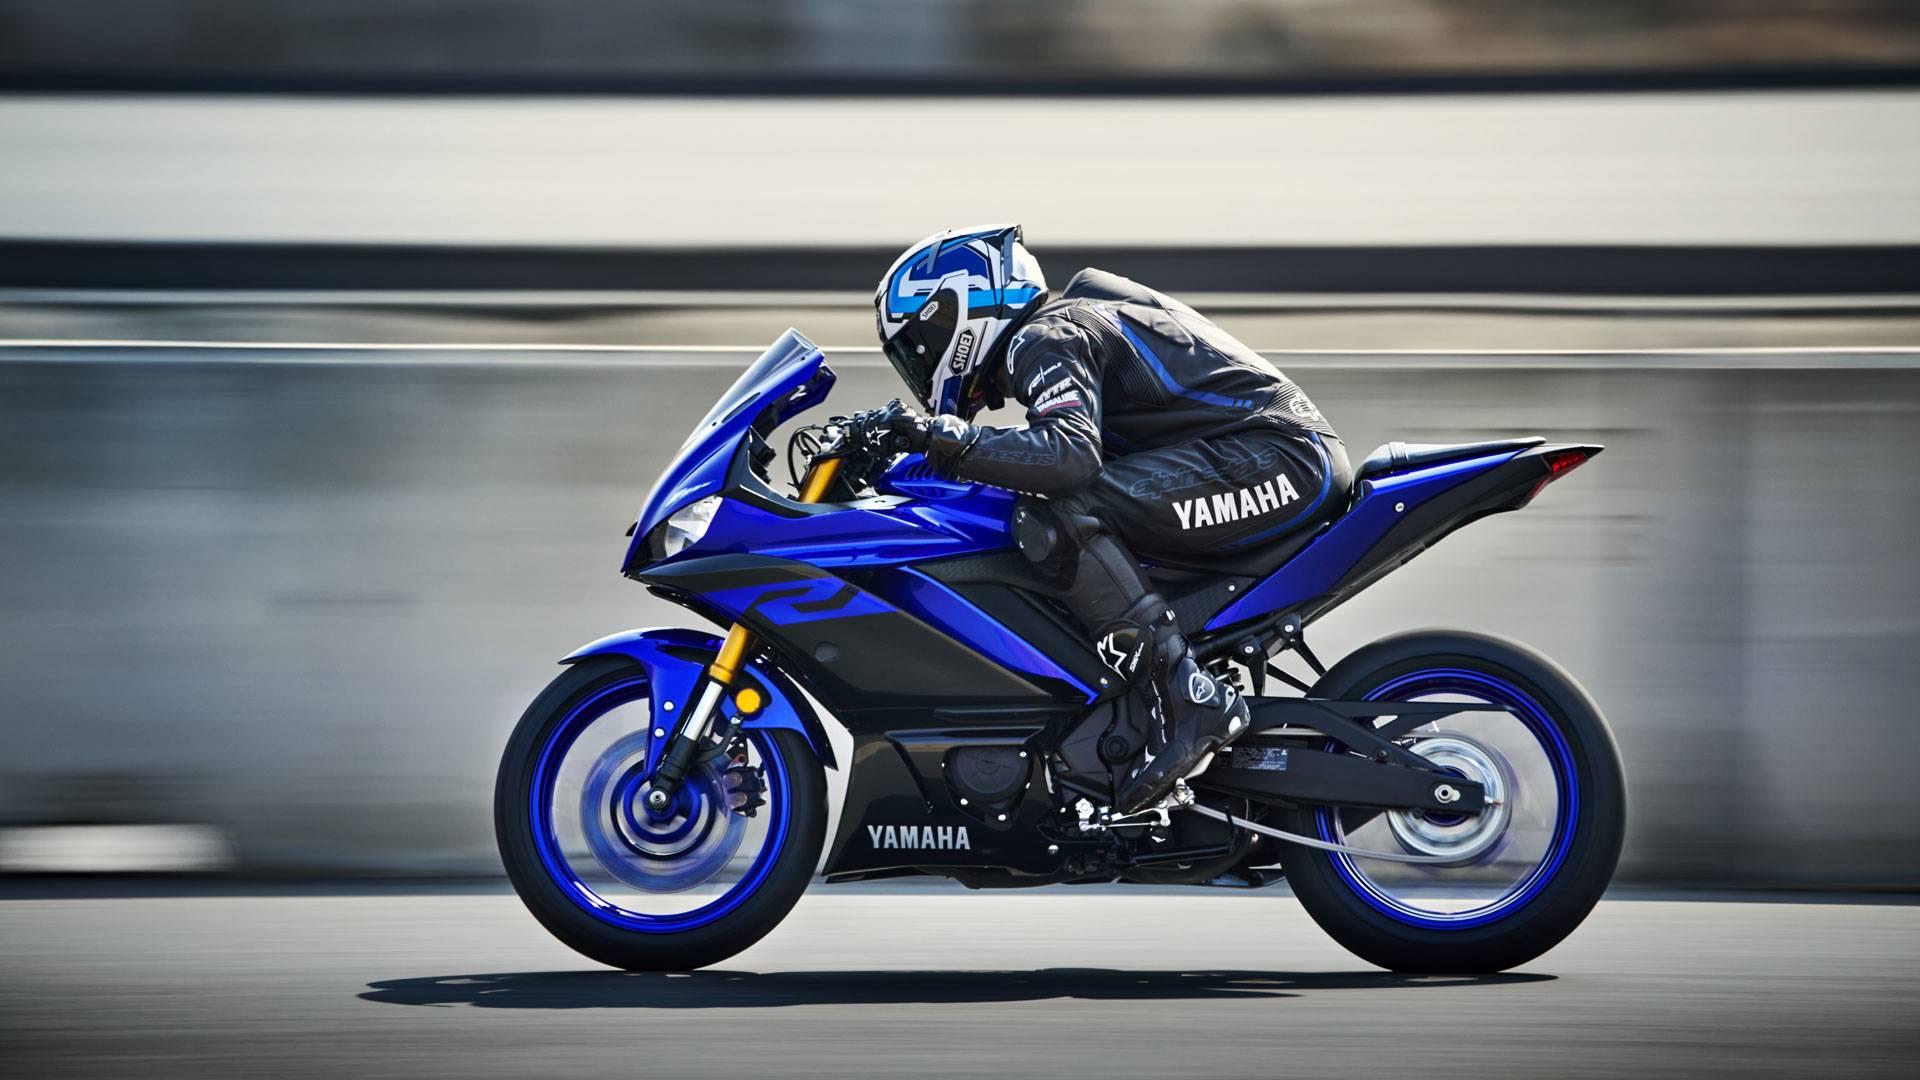 Tržište motocikala u Evropi u 2018. godini